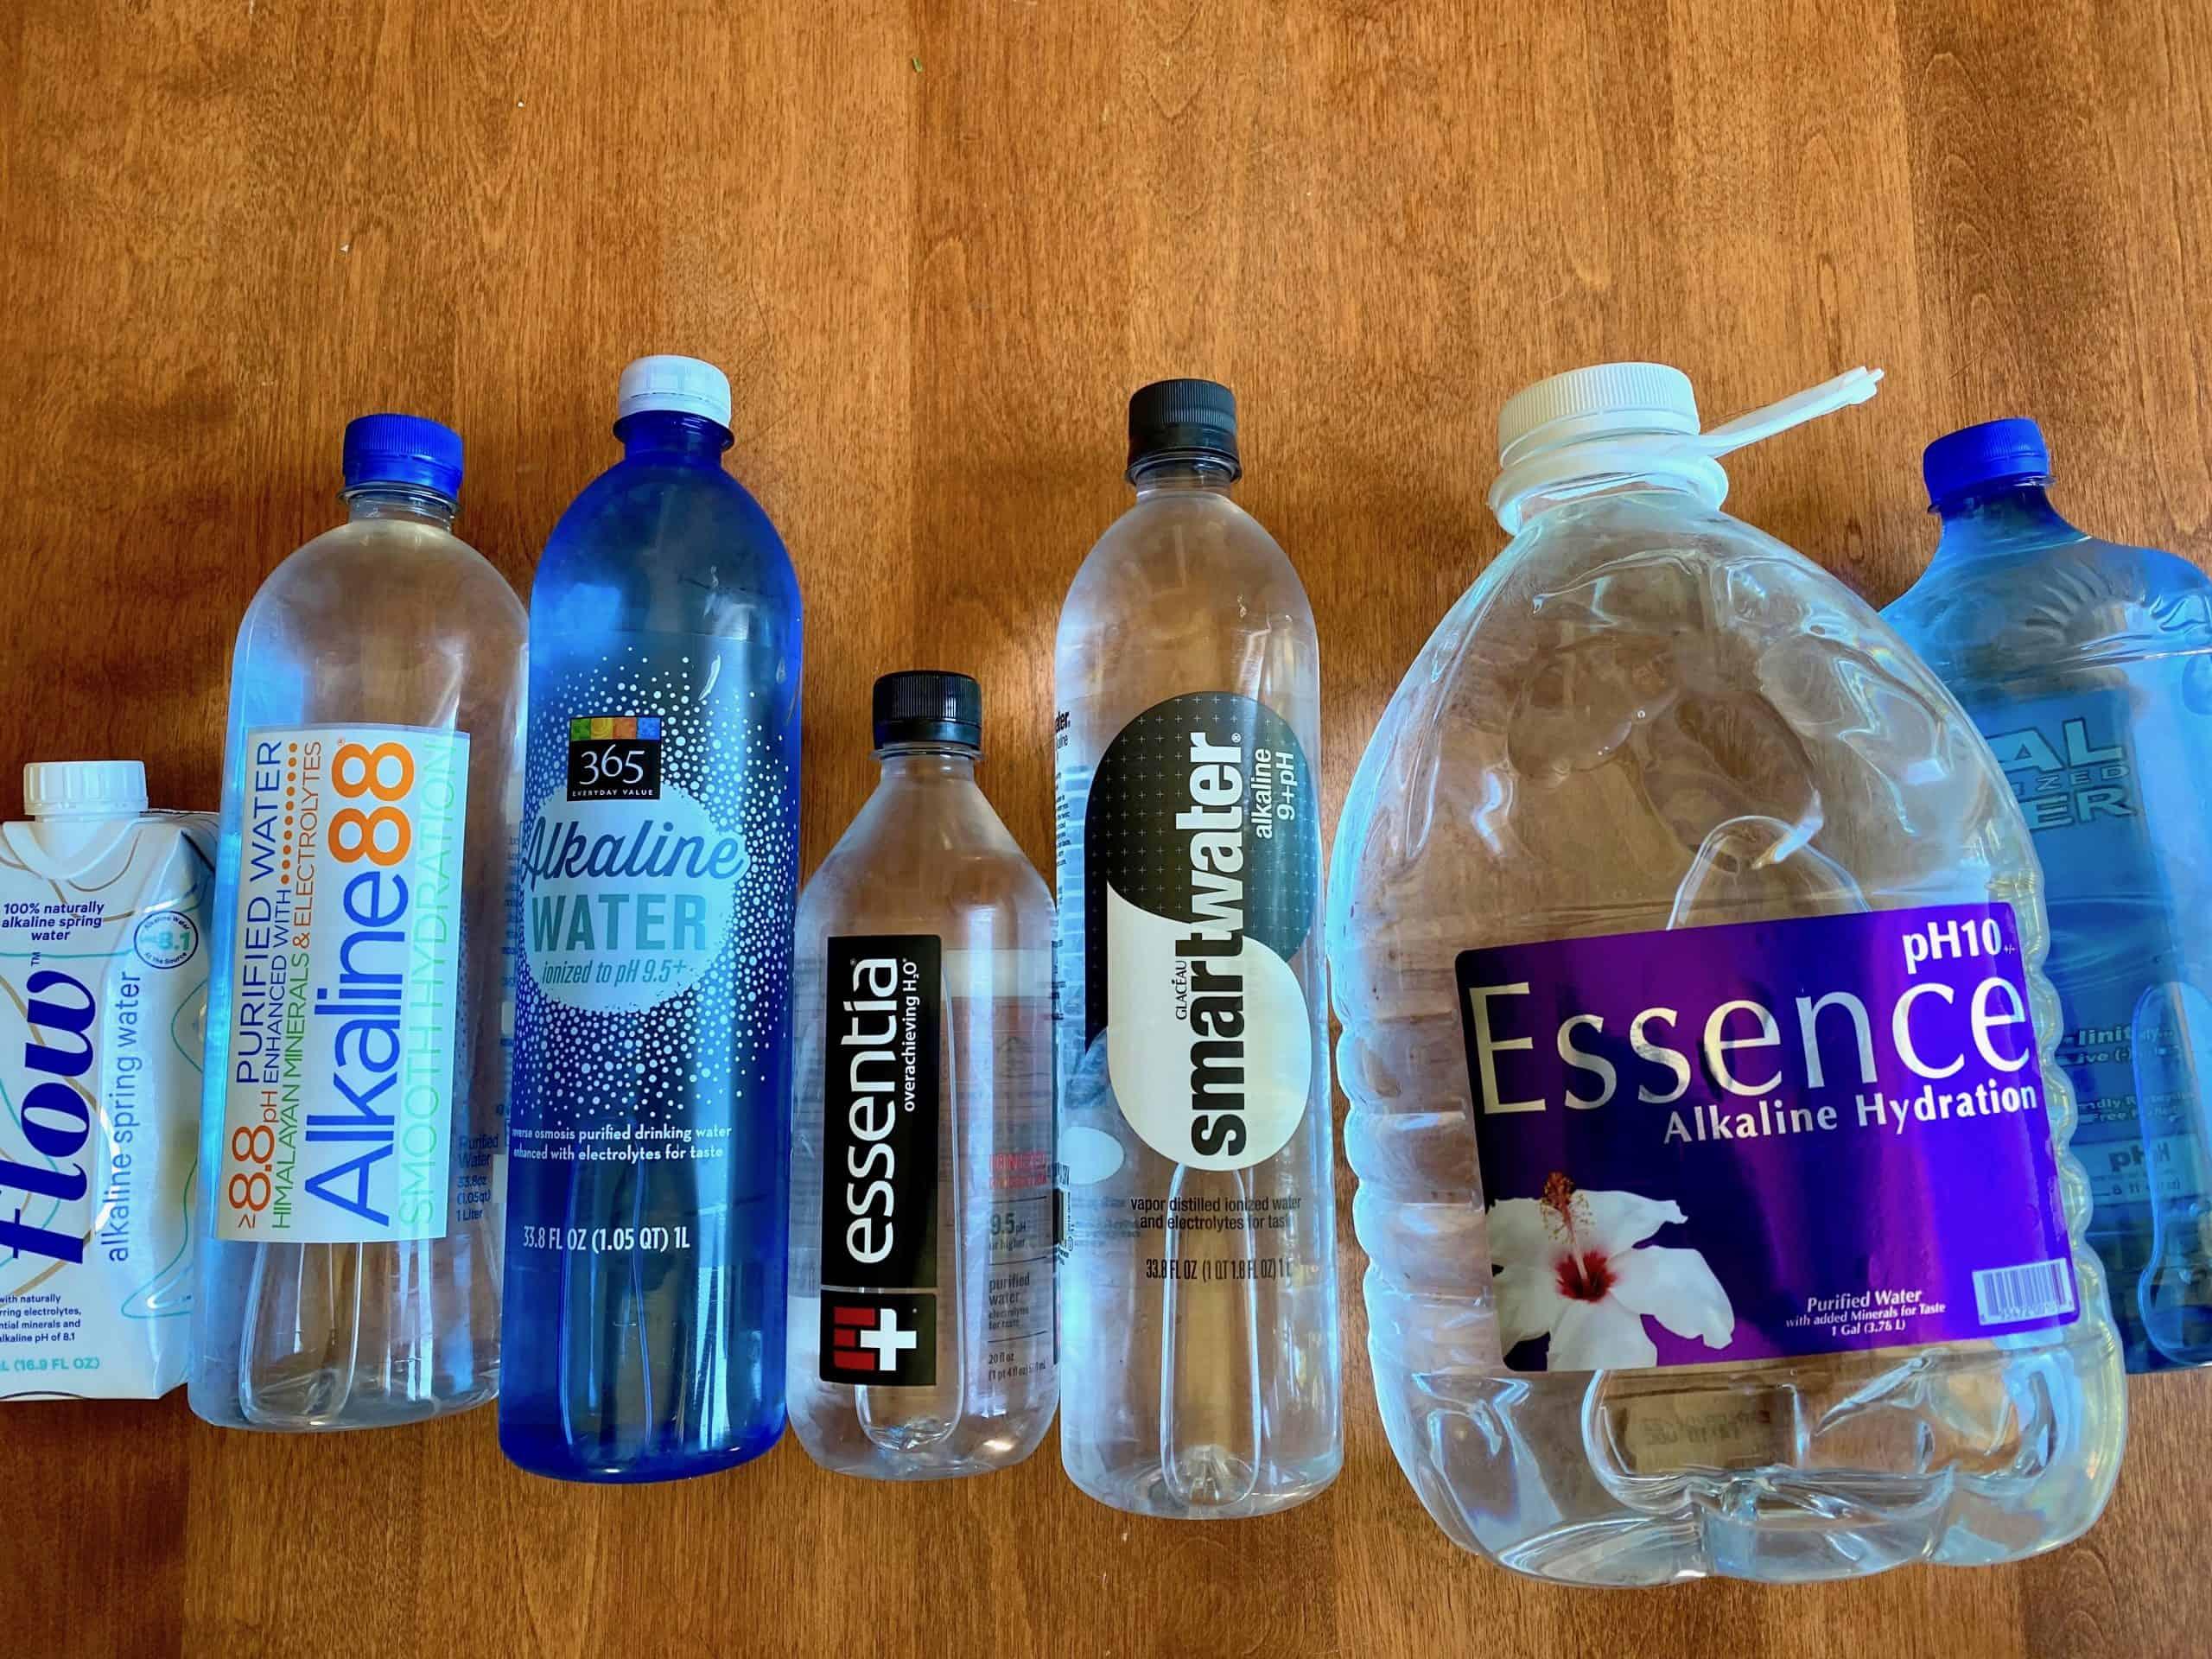 Alkaline water taste test brands